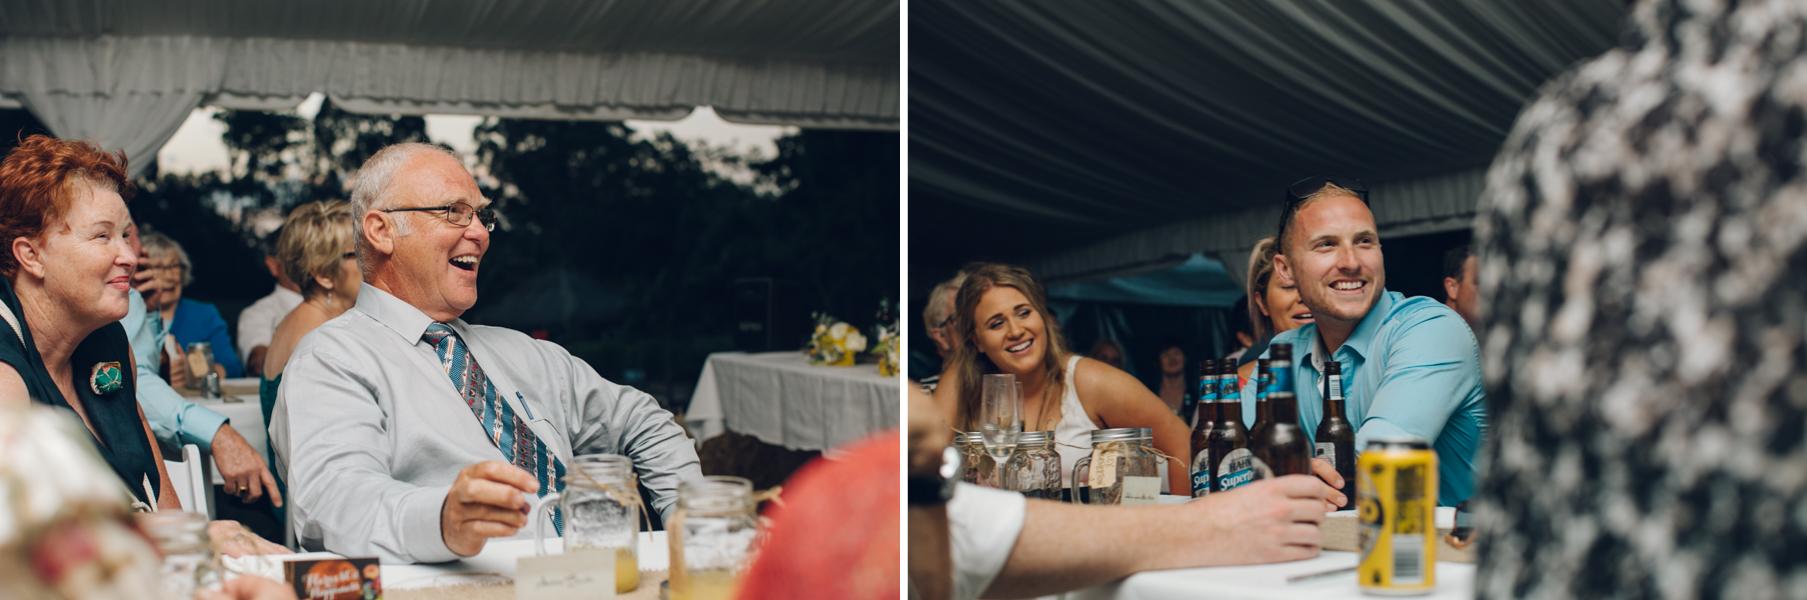 Erin & Craig Byron Bay Wedding Photography 37.jpg